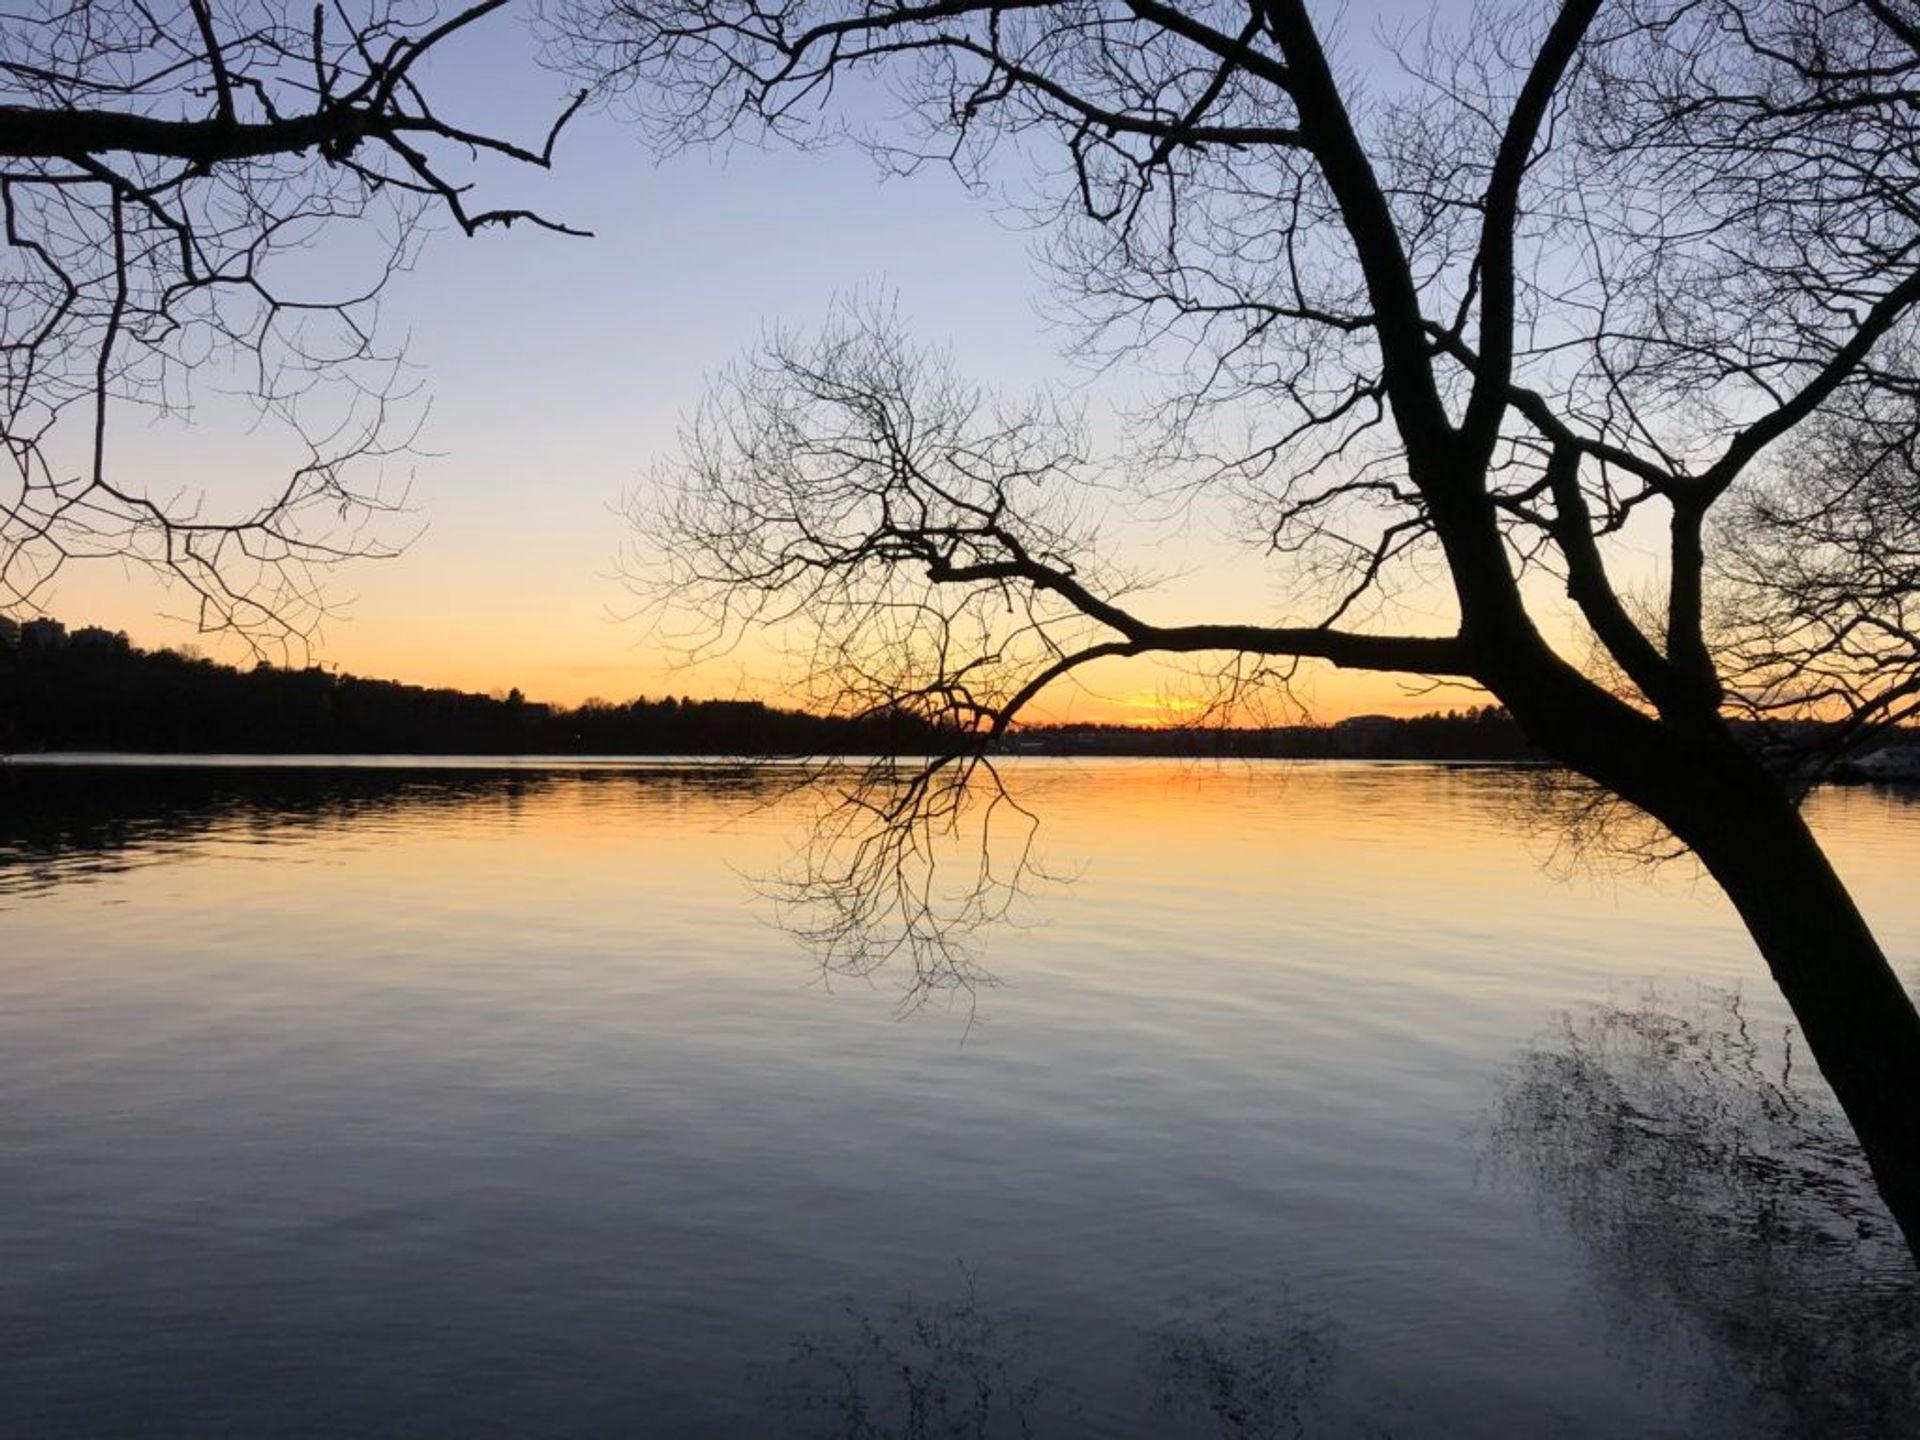 A lake at sunset.